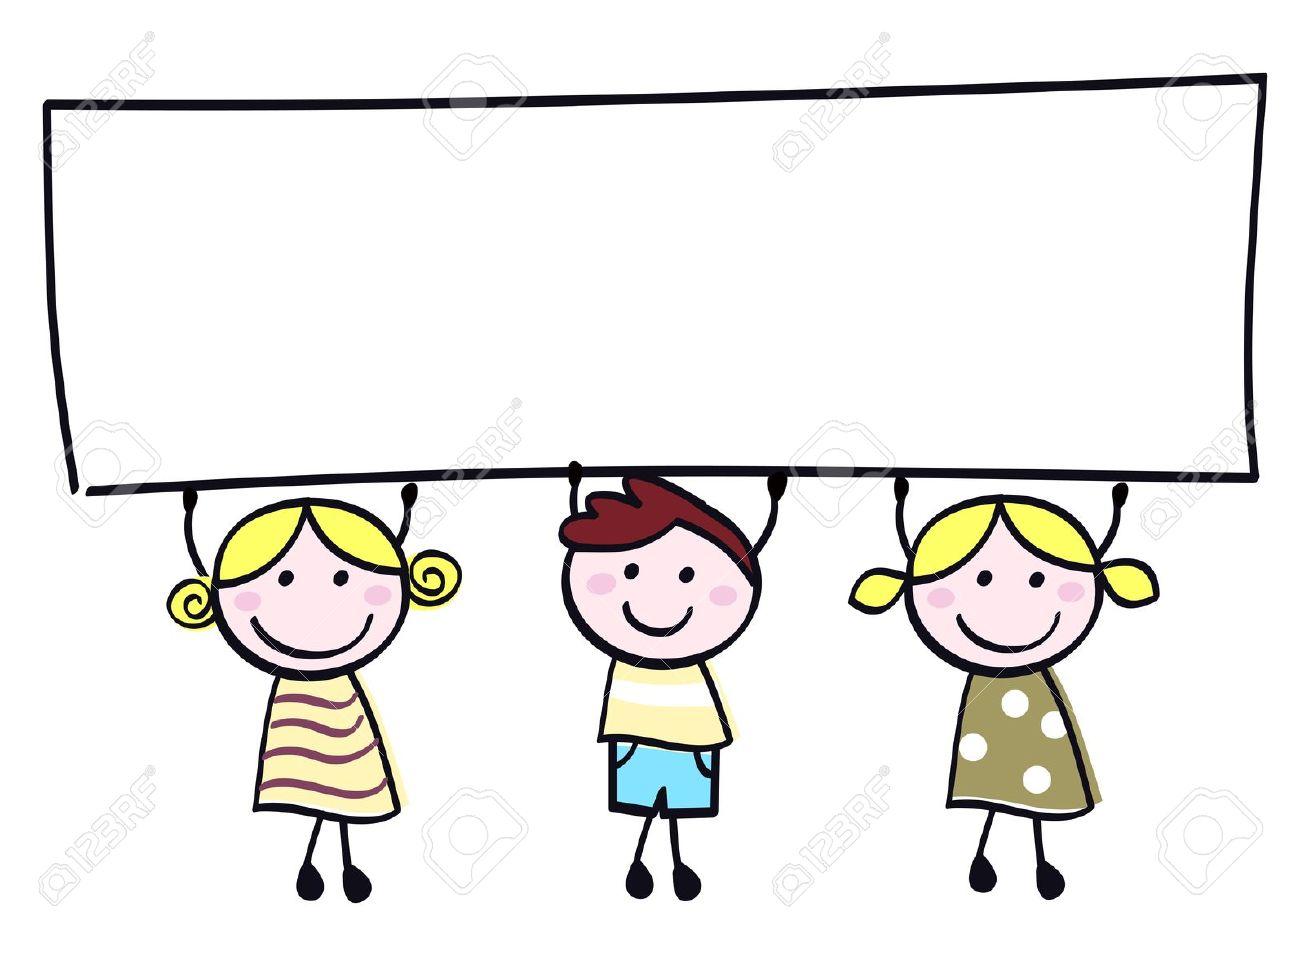 3 girls 1 boy clipart - ClipartFest picture transparent download